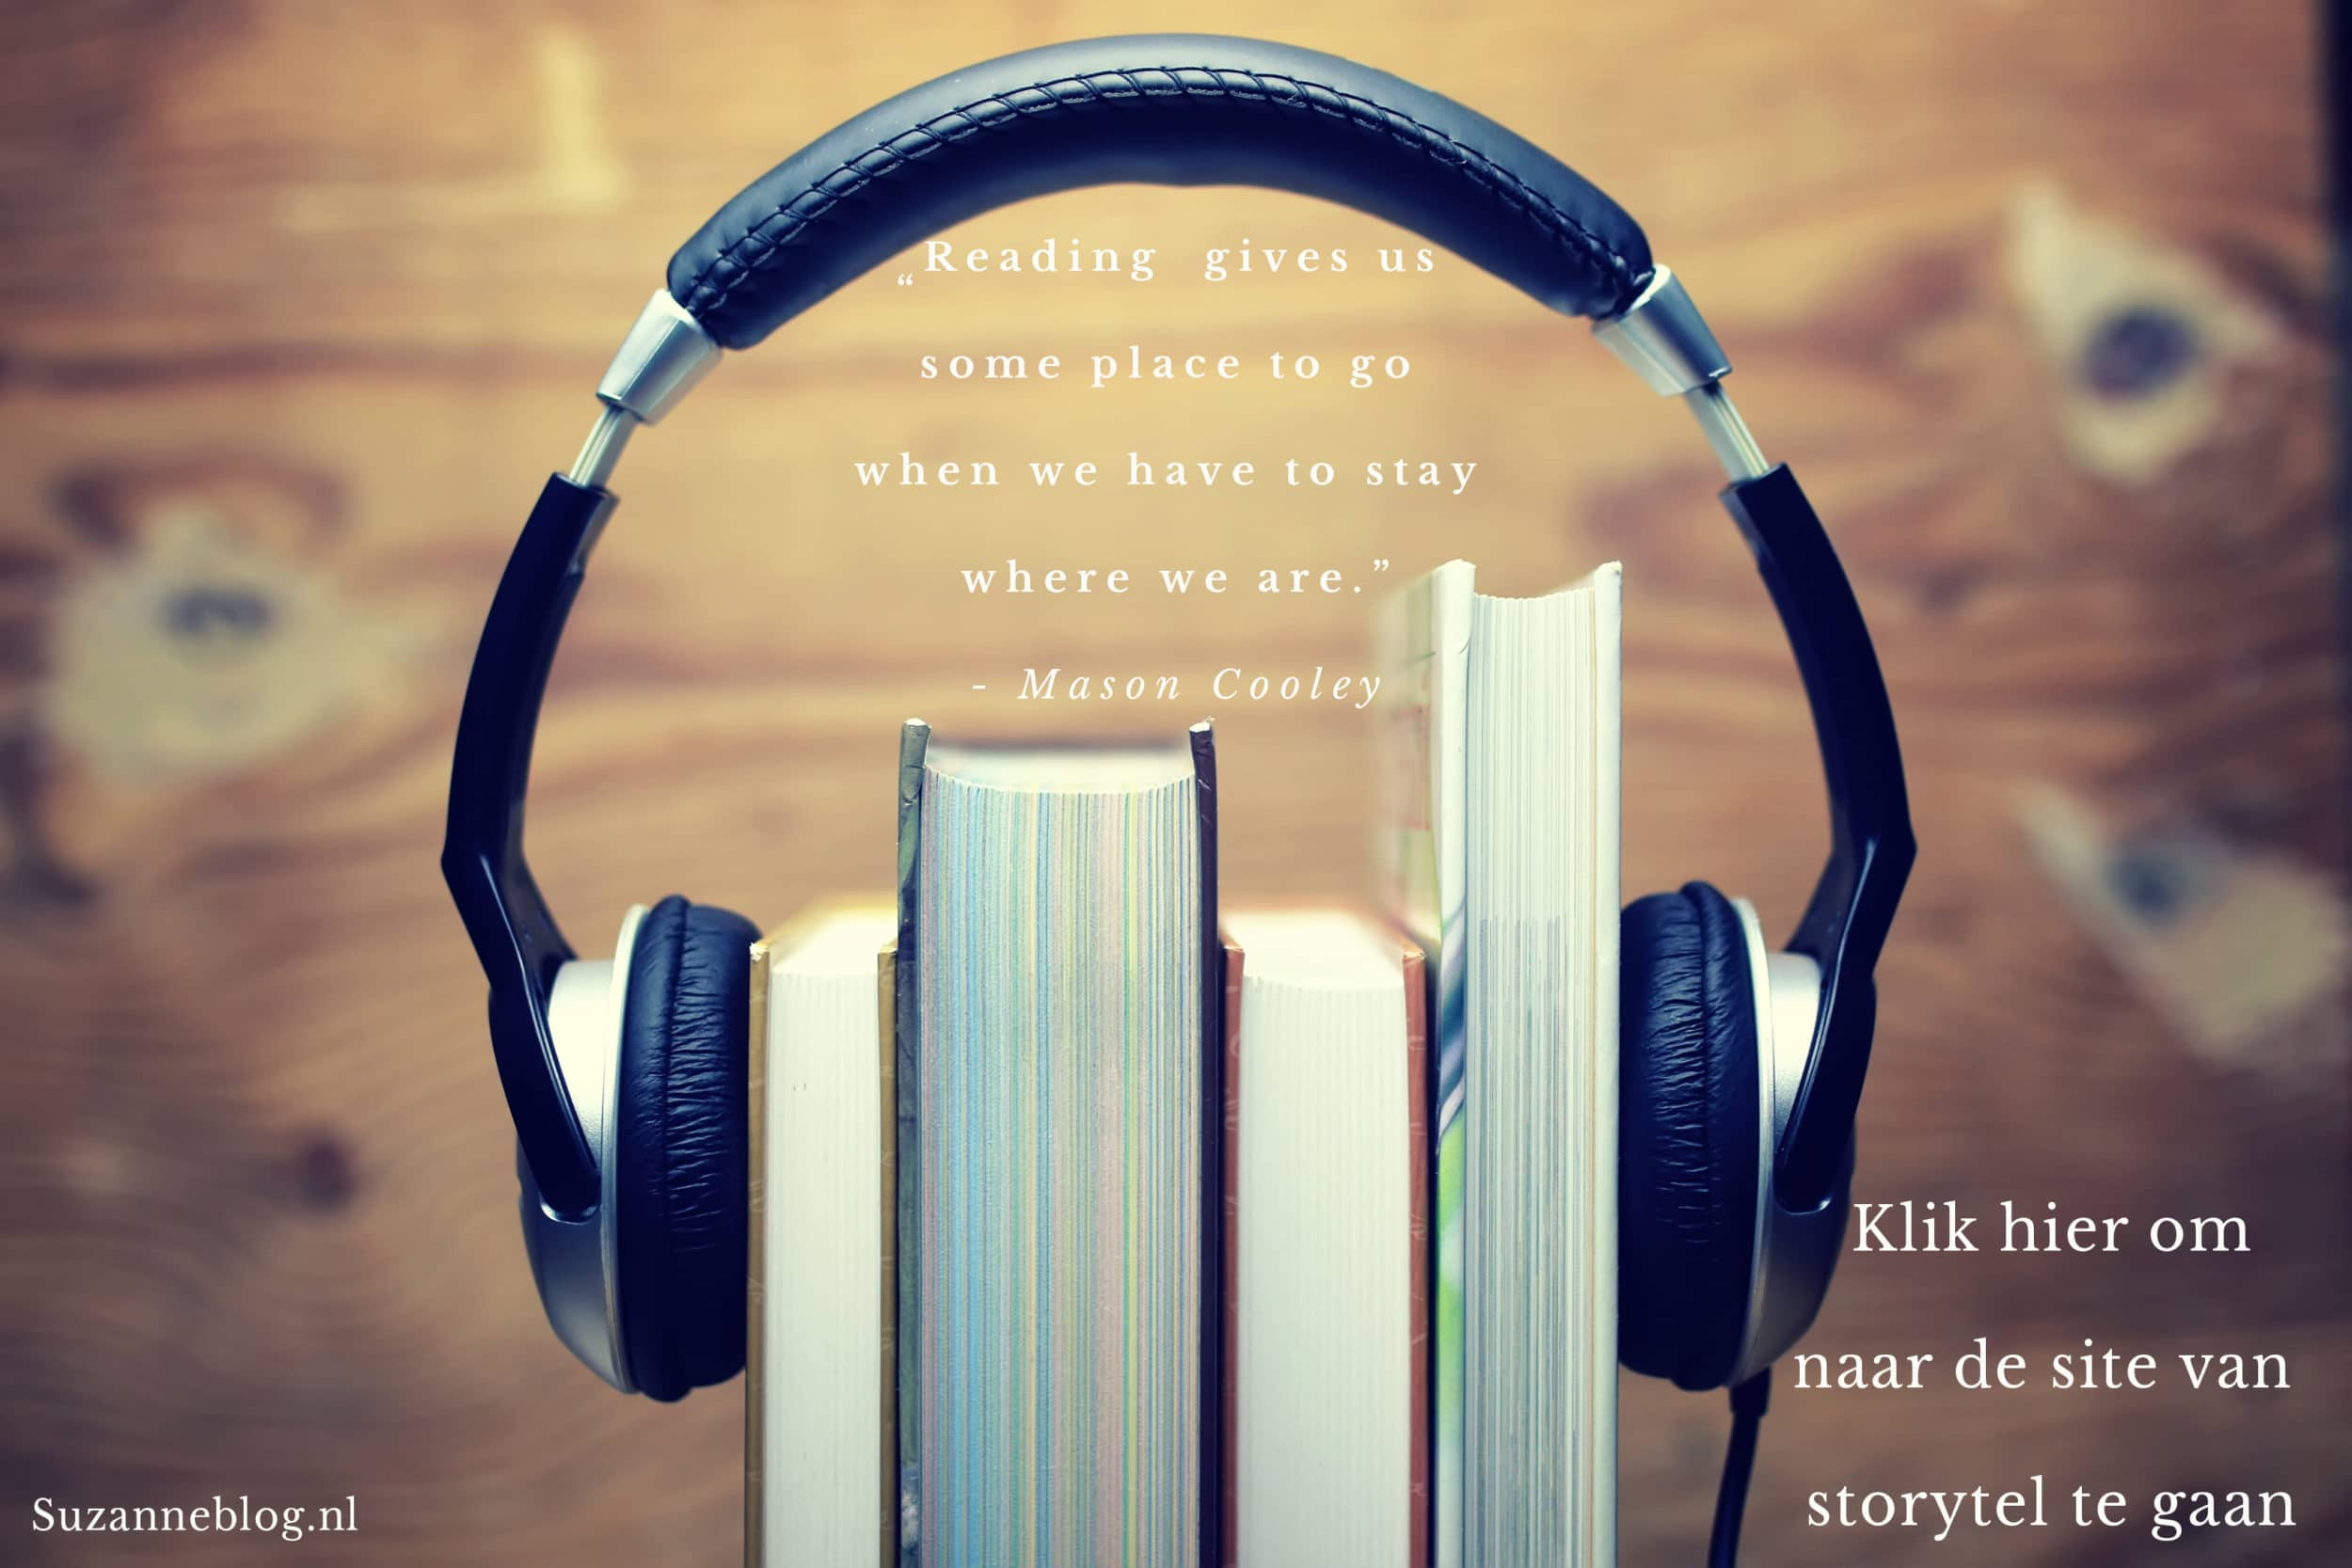 Storytel: Luisteren naar boeken is de grootste ontspanning